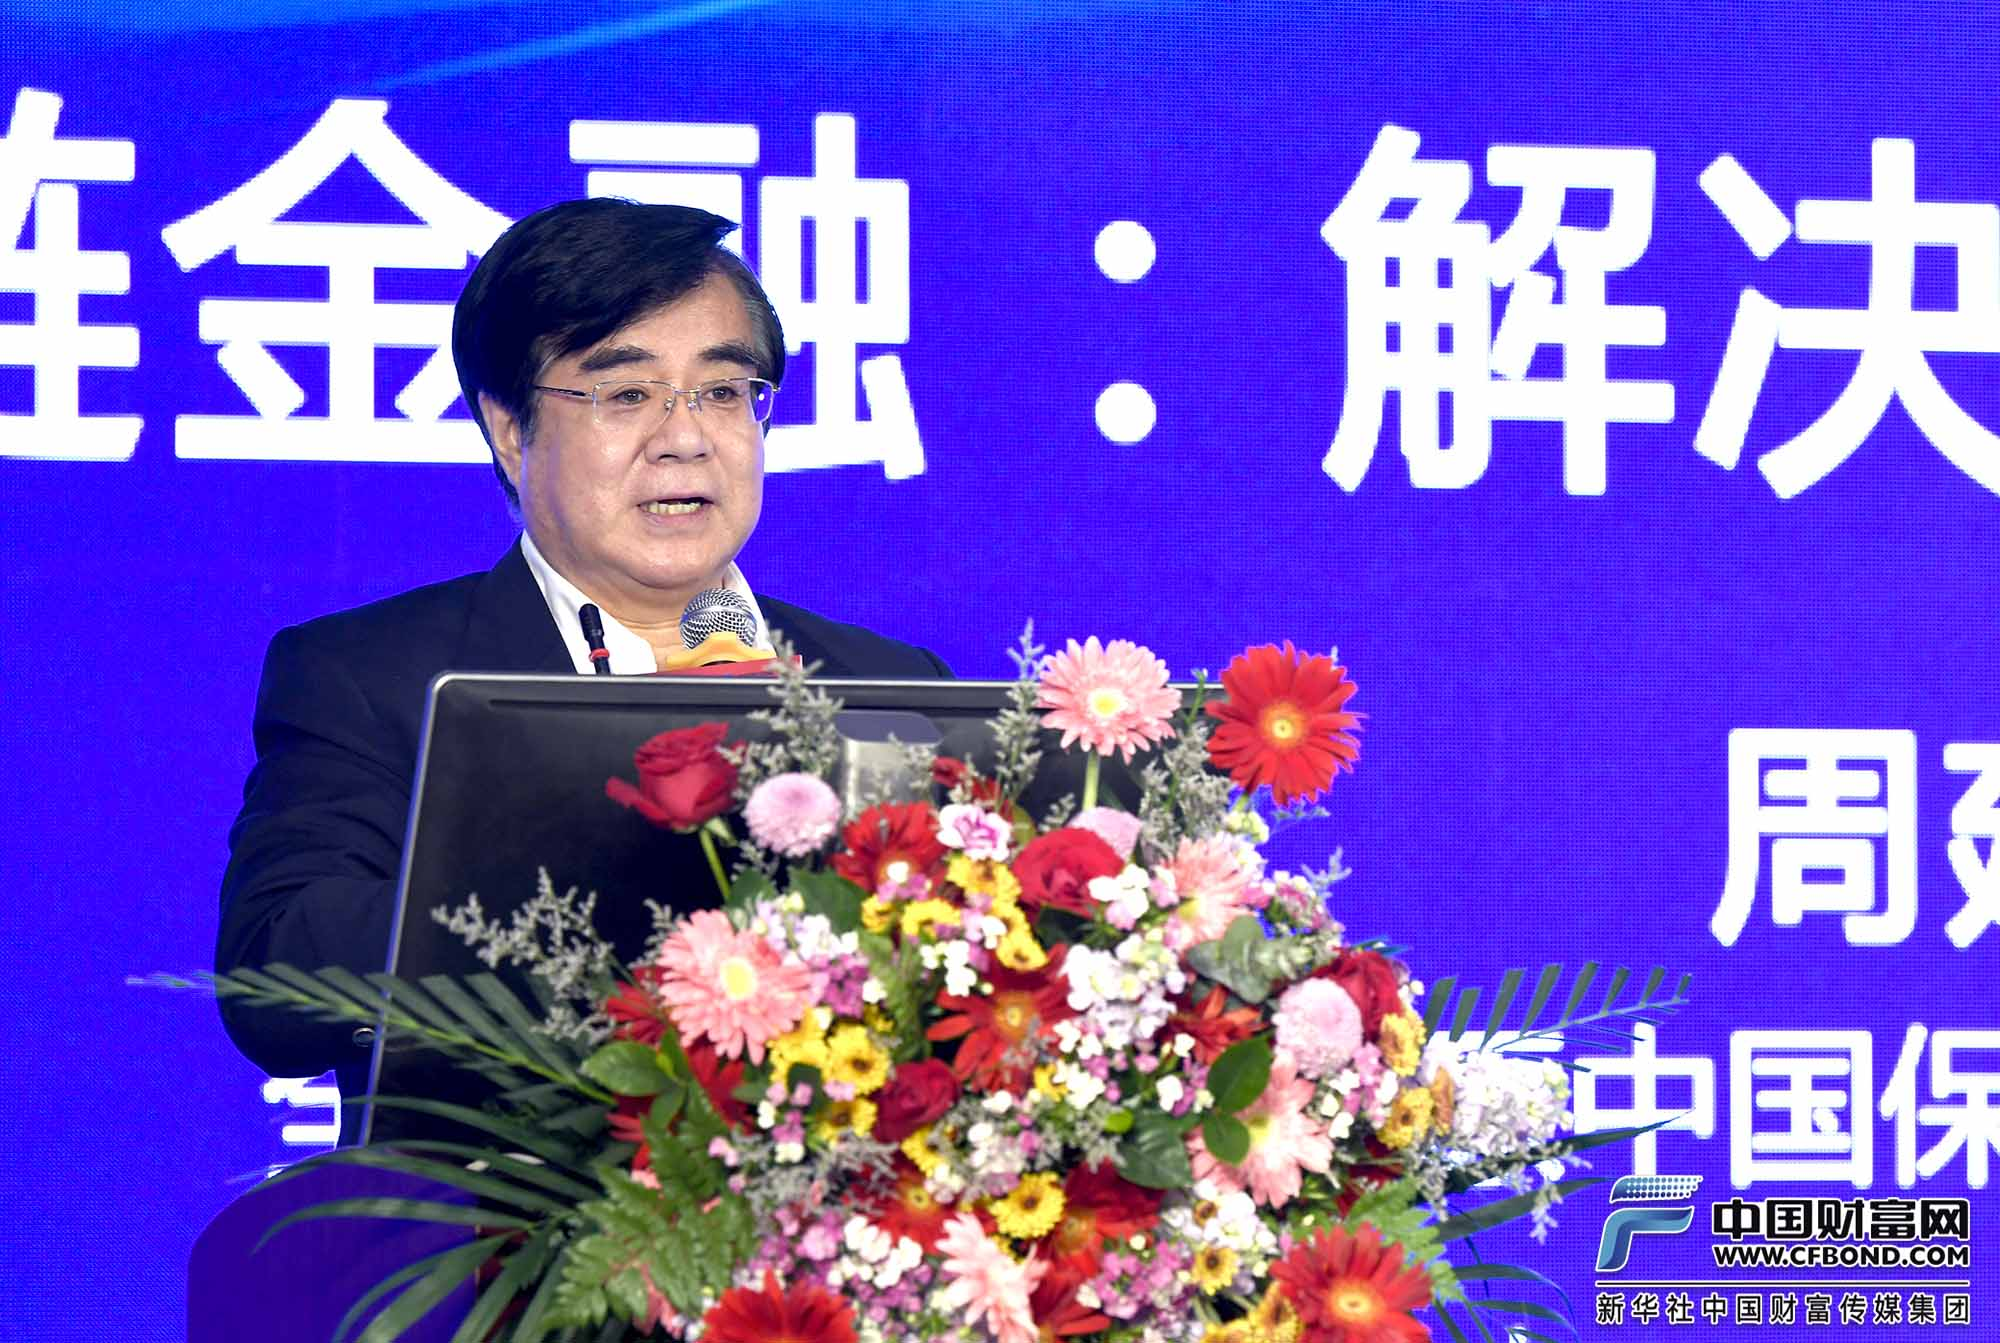 全国政协委员、原中国保险监督管理委员会副主席周延礼演讲